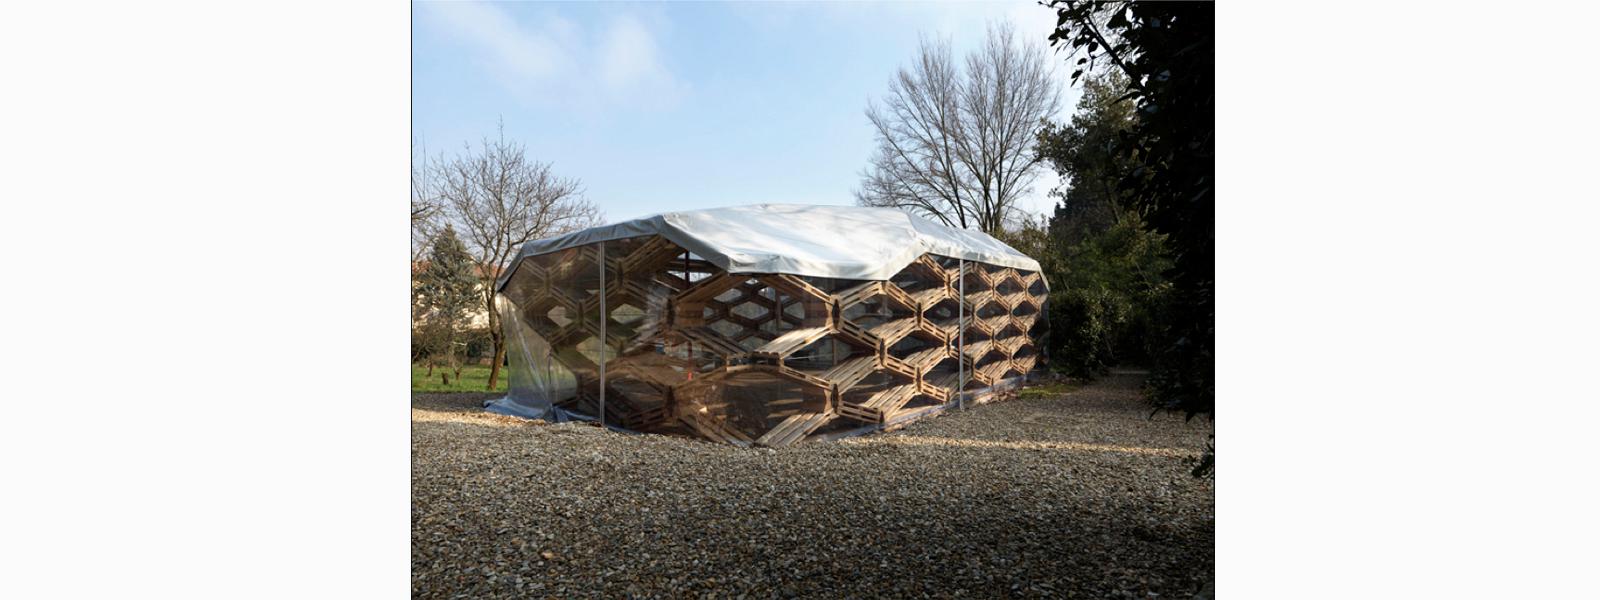 <strong>Construção Sustentável</strong> produzida com material reutilizado